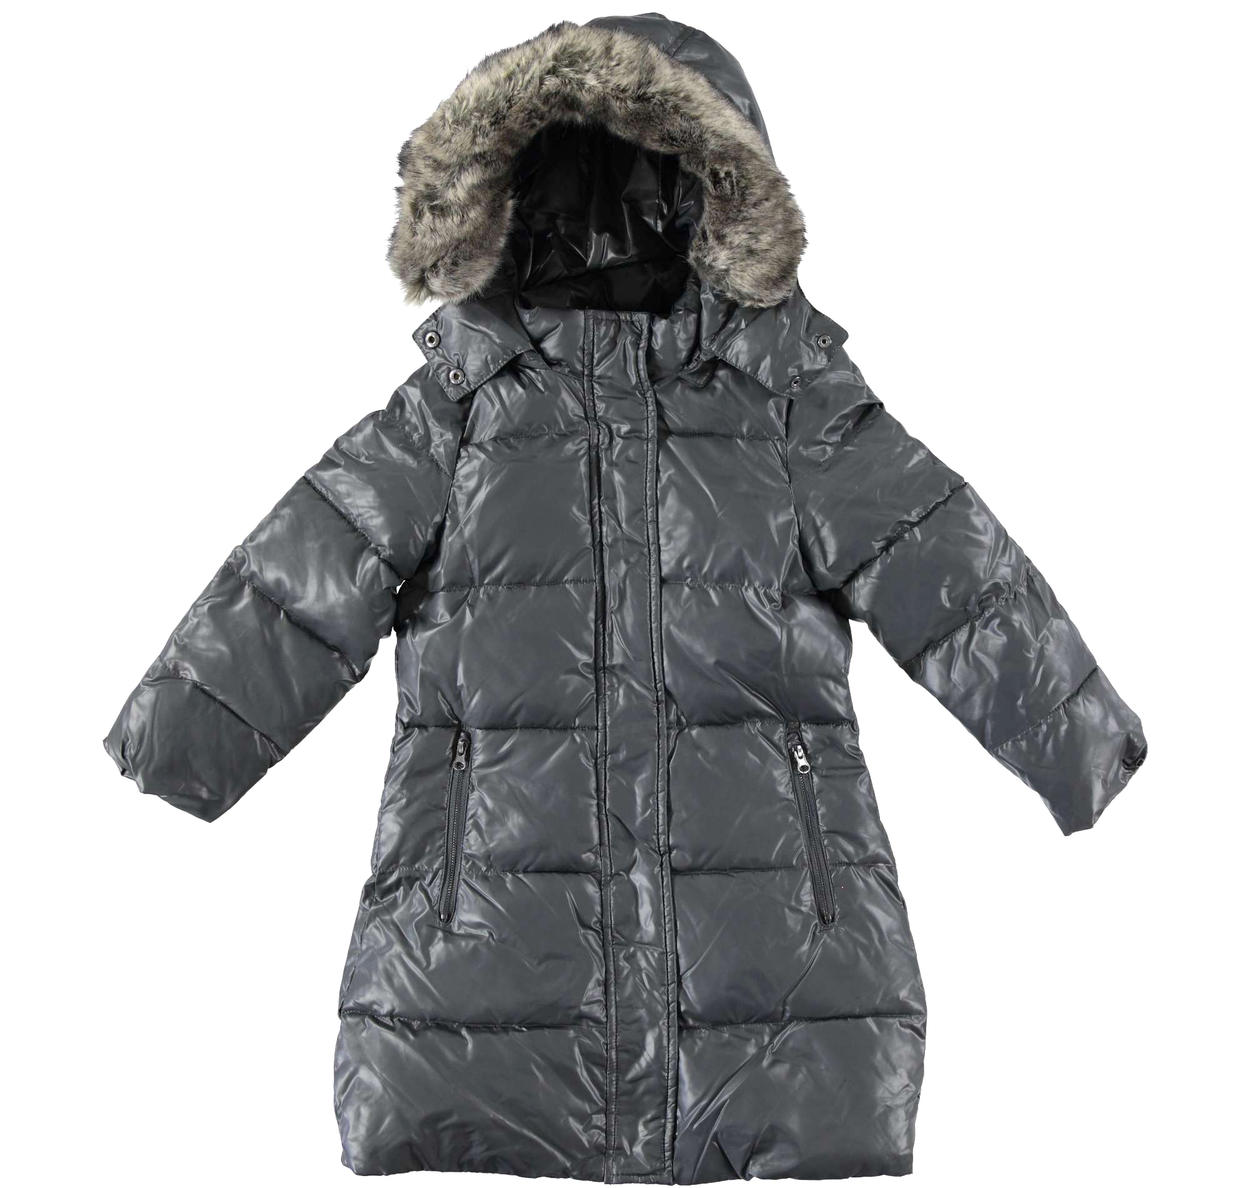 newest 132de 8cd6c Piumino invernale imbottito in ovatta e foderato in pelliccia sintetica per  bambina da 6 a 16 anni Sarabanda